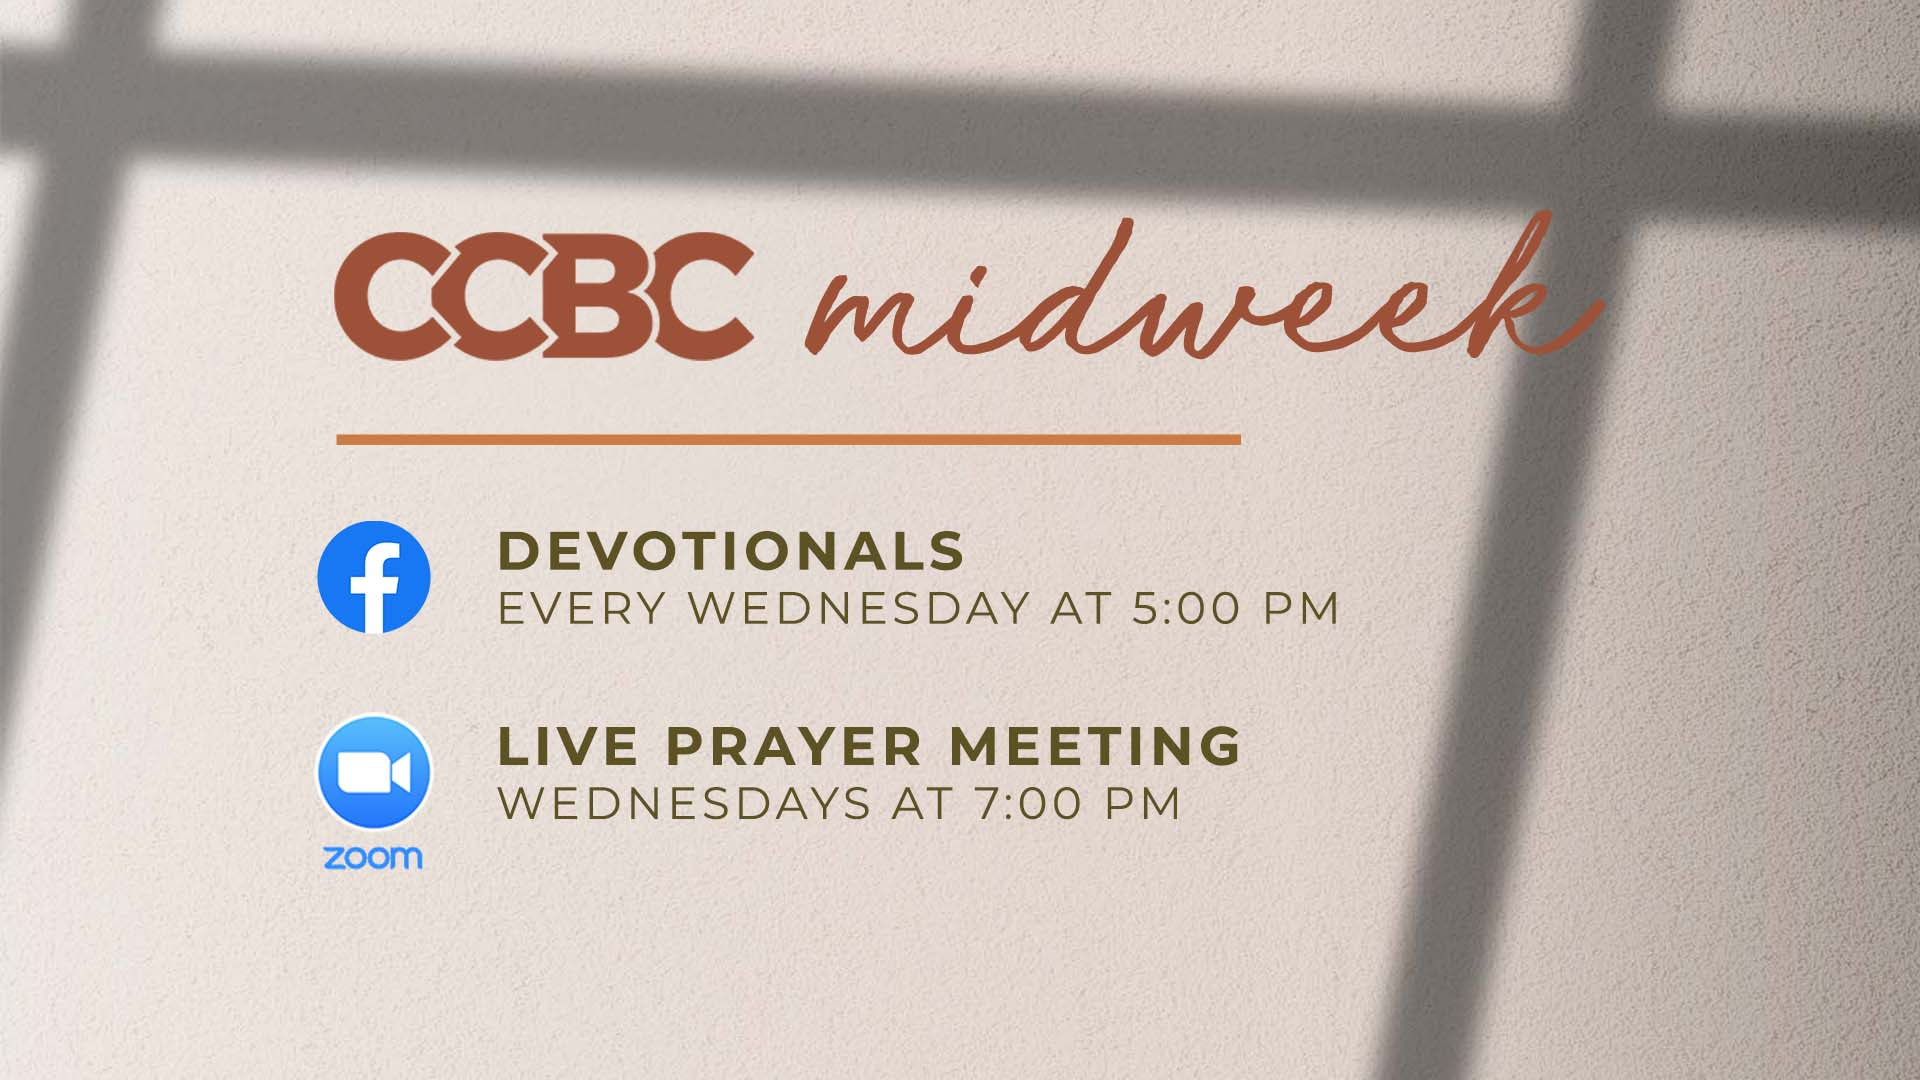 CCBC_Midweek-PosterAPRIL